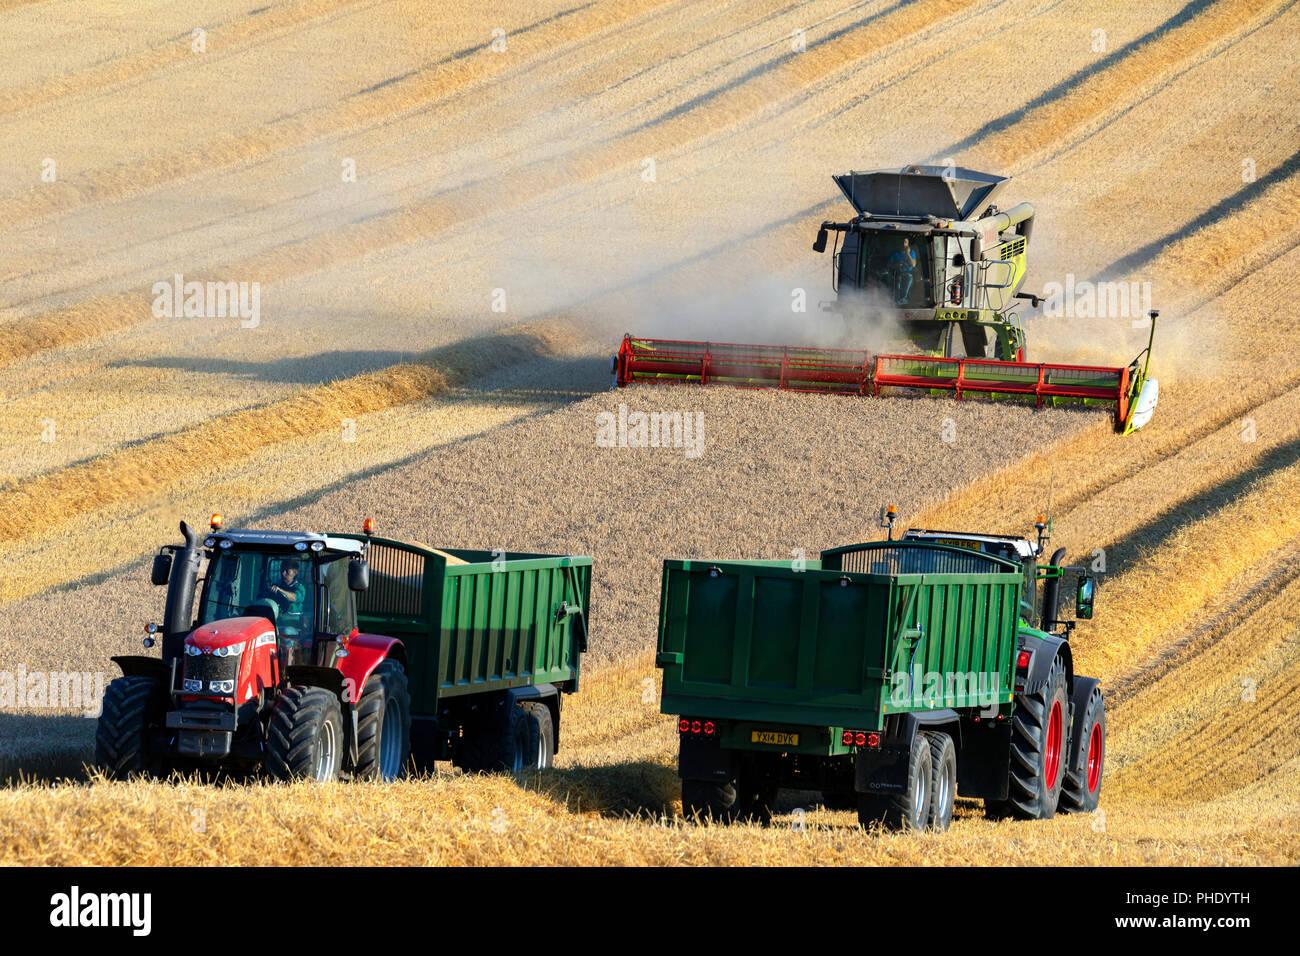 Mähdrescher Schneiden eine Ernte von Weizen auf Ackerland in North Yorkshire im Vereinigten Königreich Stockfoto